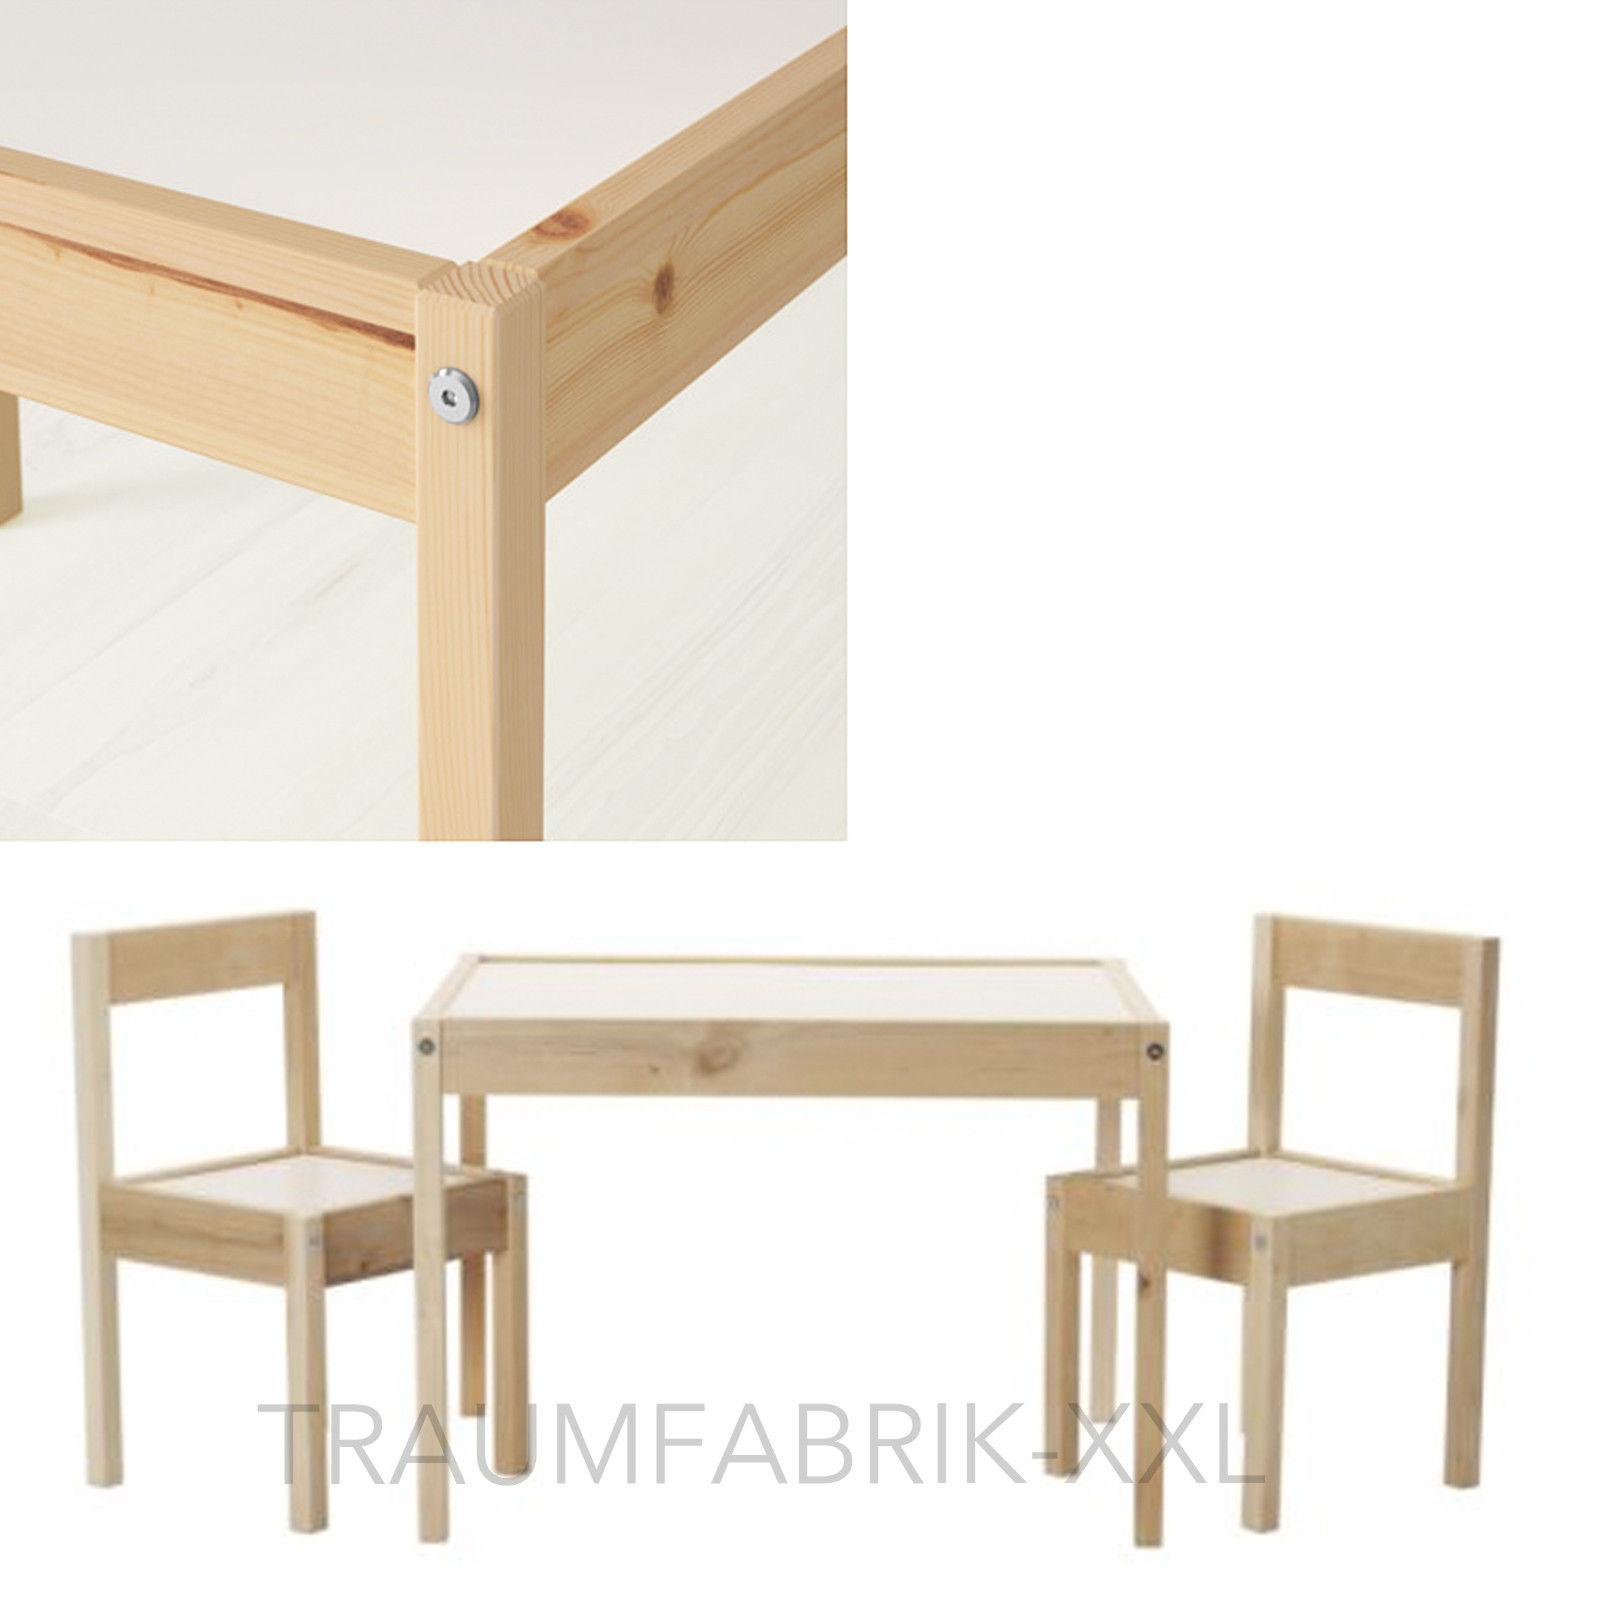 Ikea Latt Kindertisch 2 Stuhlen Tisch Kinder Kindermobel